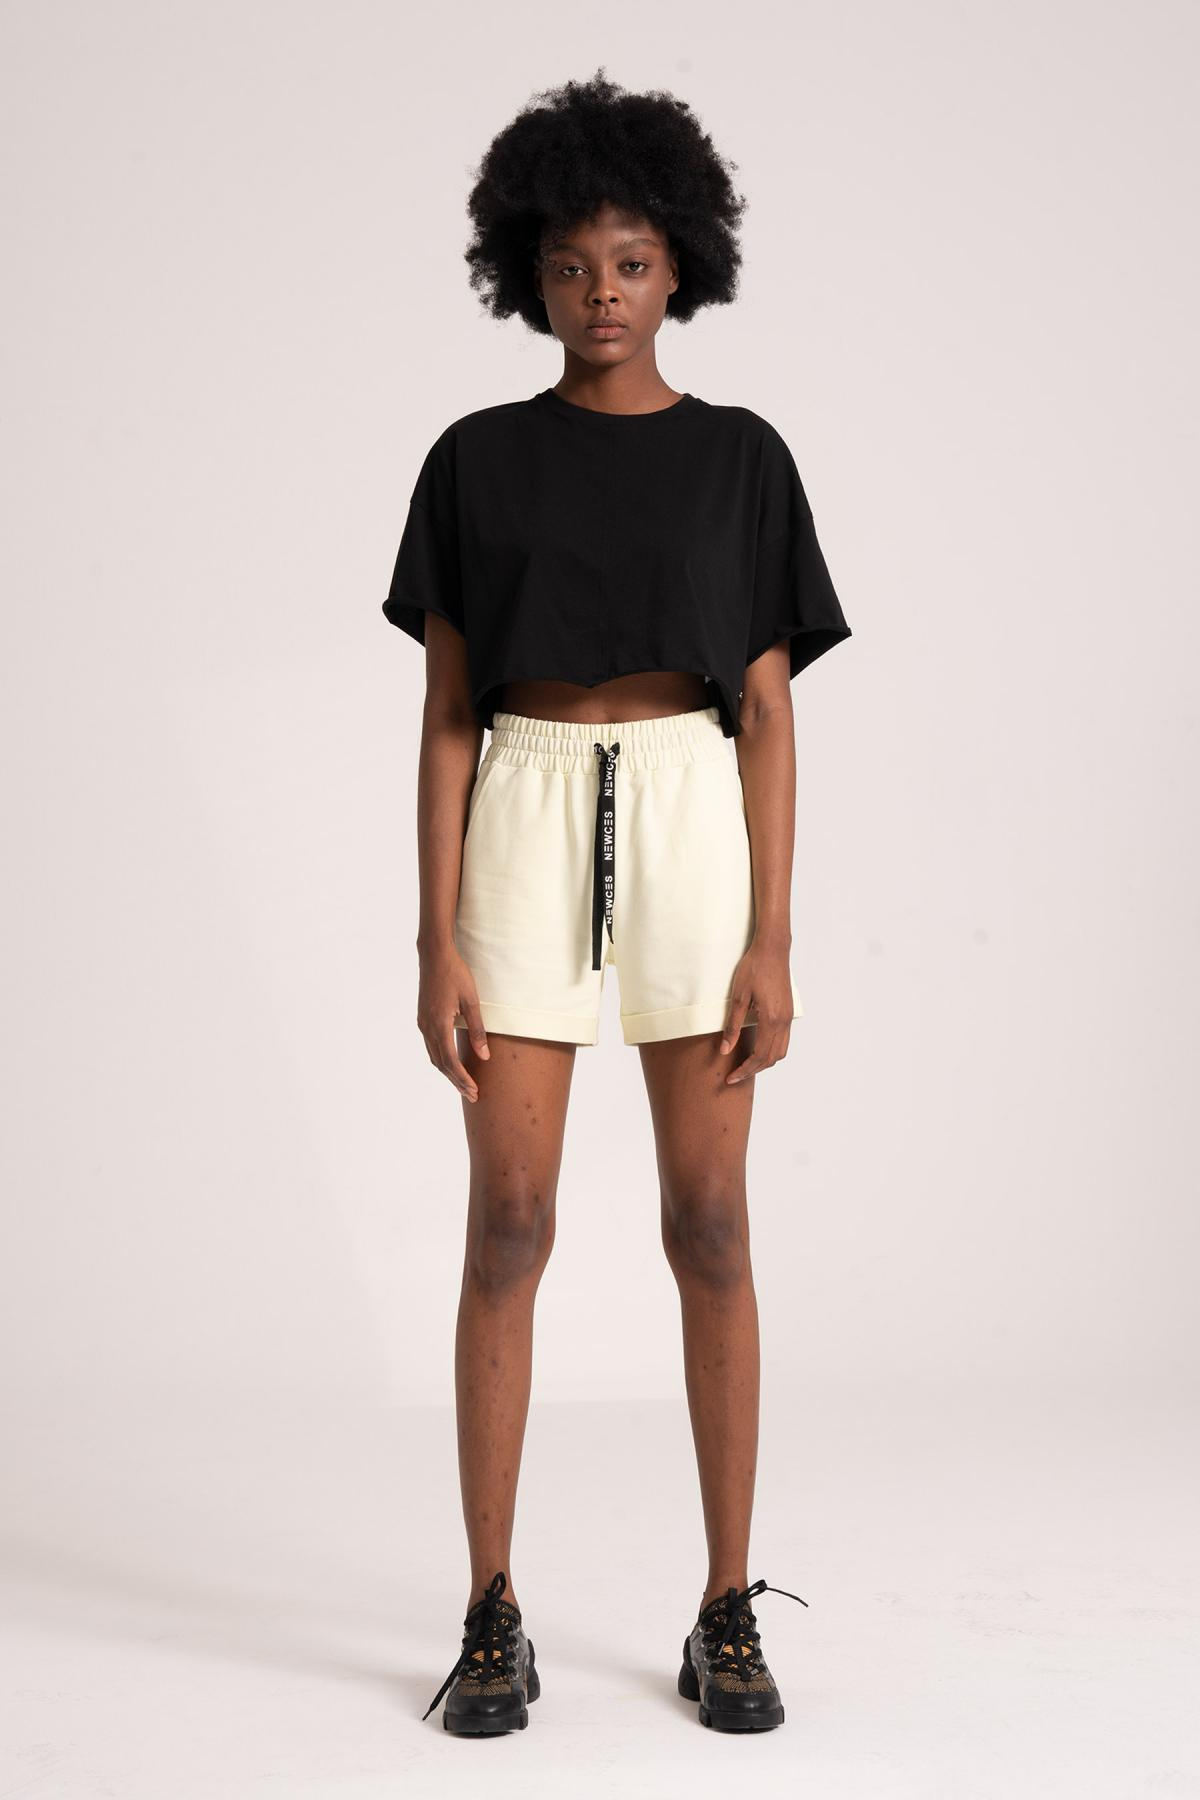 95% Cotton Women's Shorts newces-1005-Y